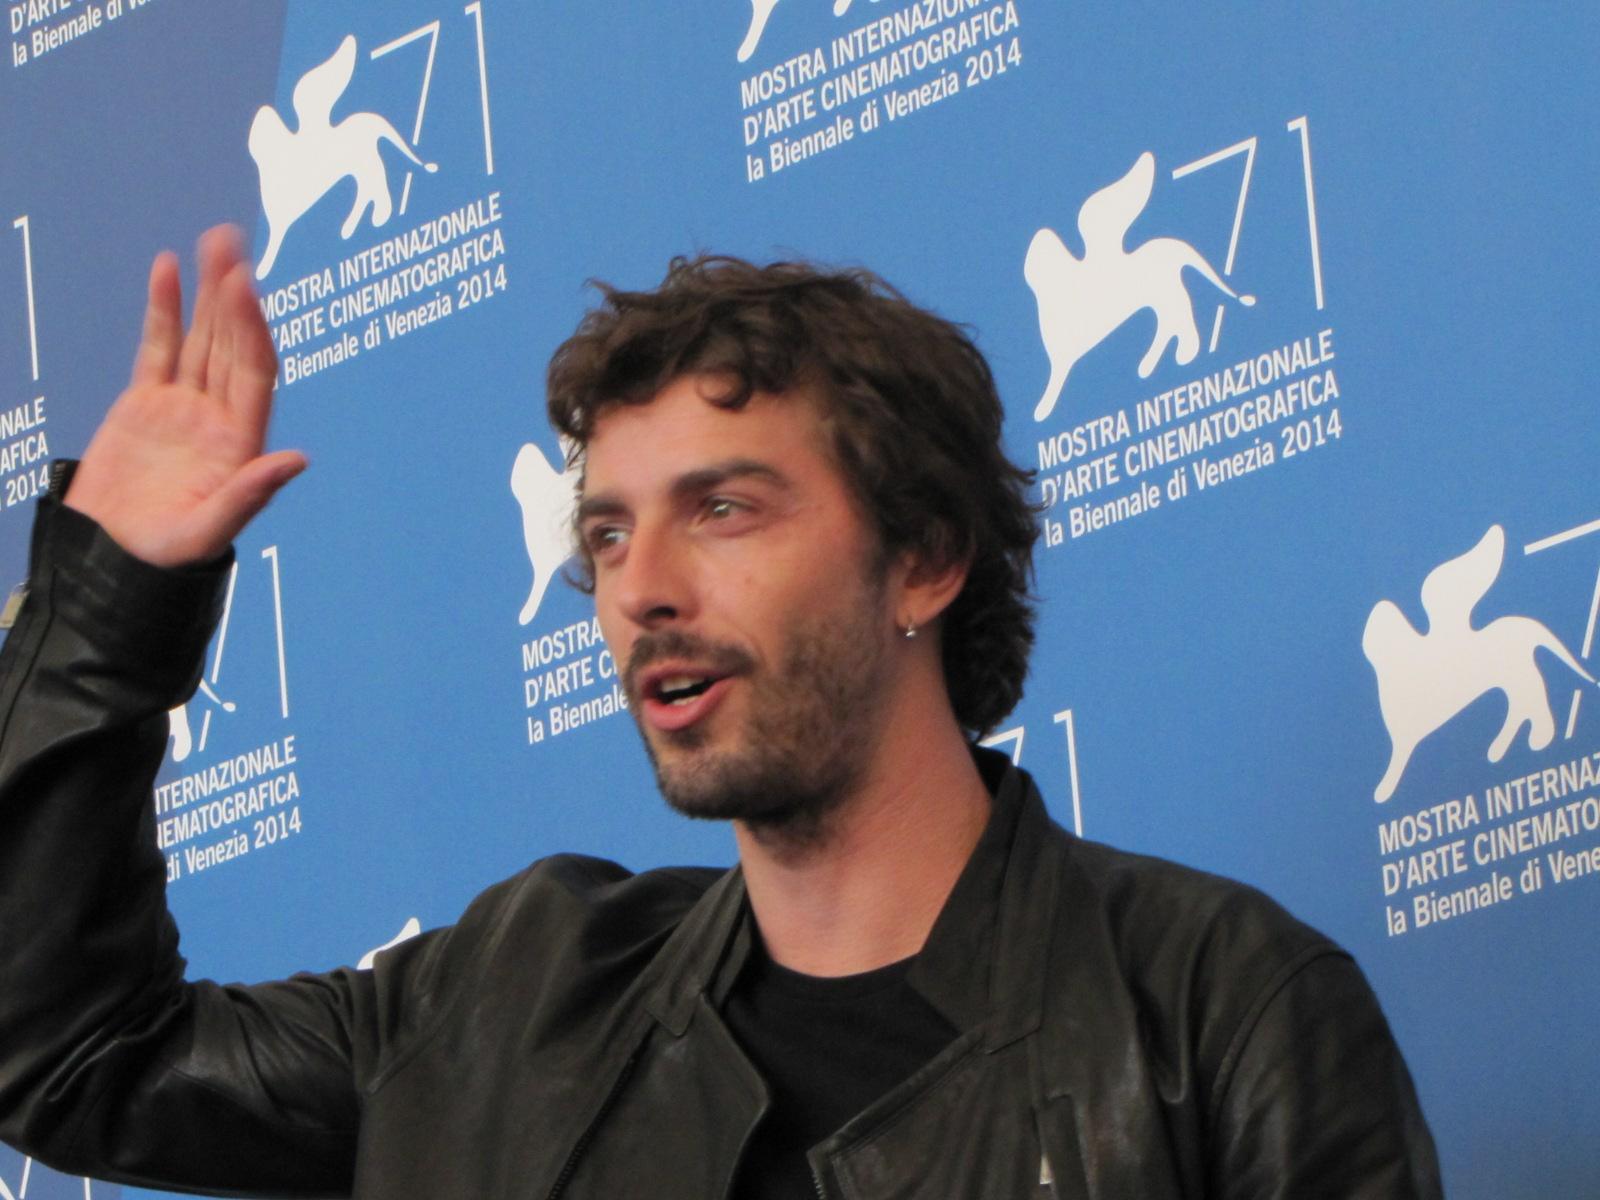 Venezia 2014, Michele Riondino presenta Il giovane favoloso